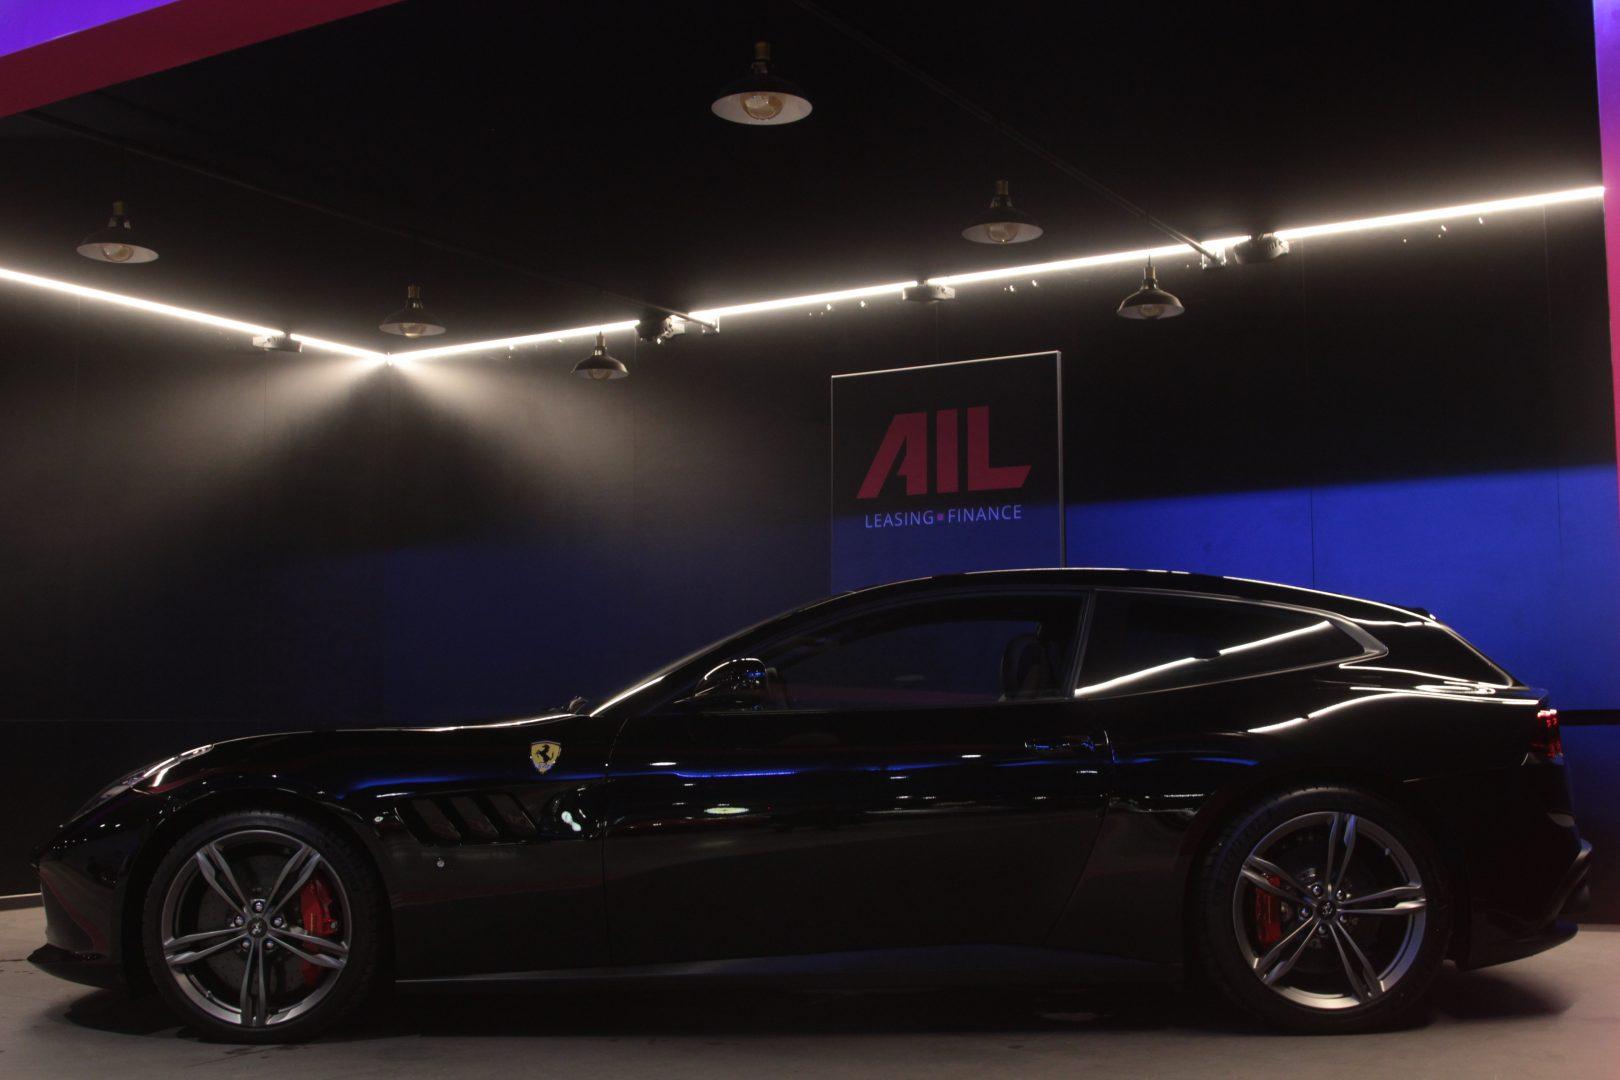 AIL Ferrari GTC4Lusso V12 9